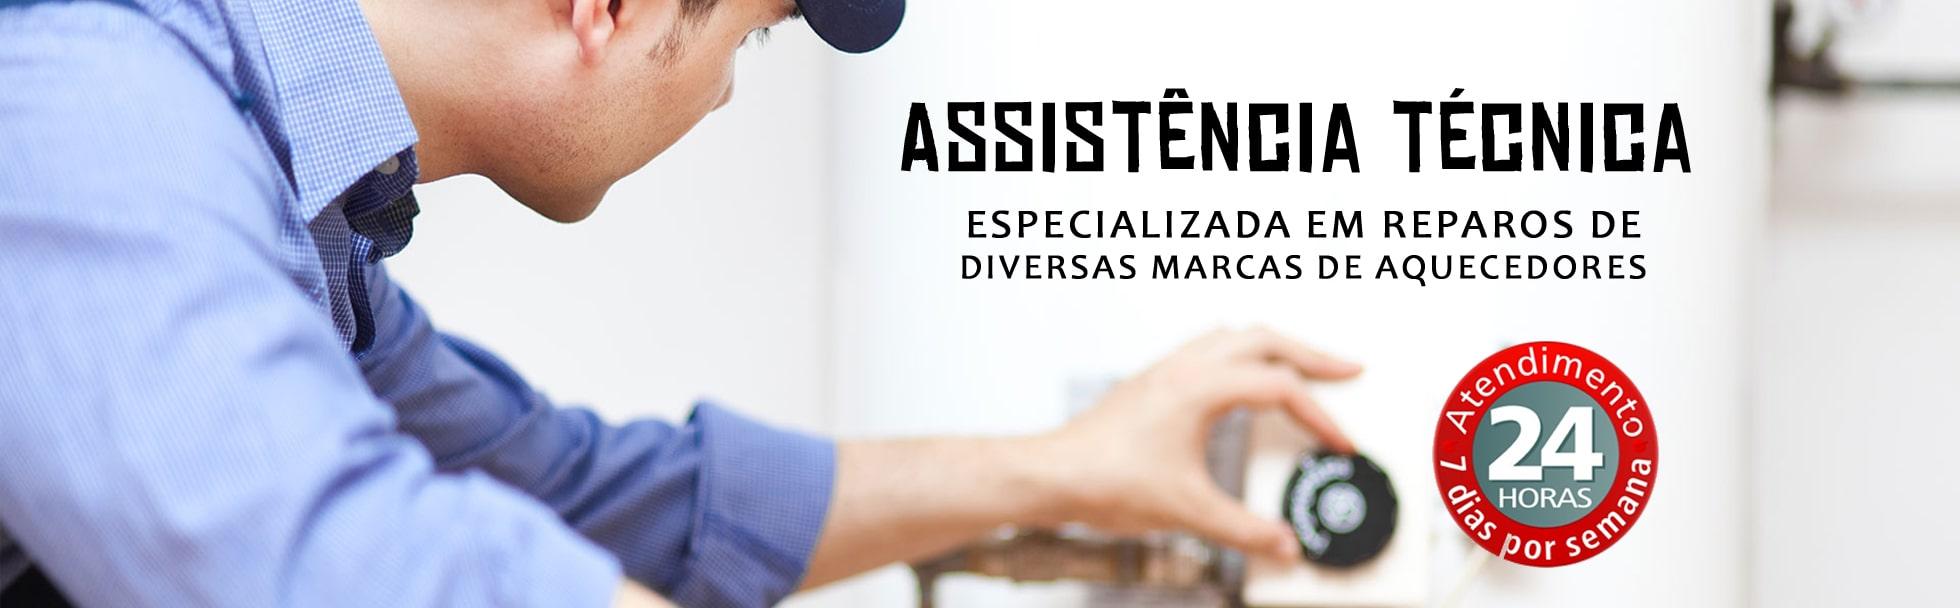 Conheça nossa assistencia técnica altamente capacitada